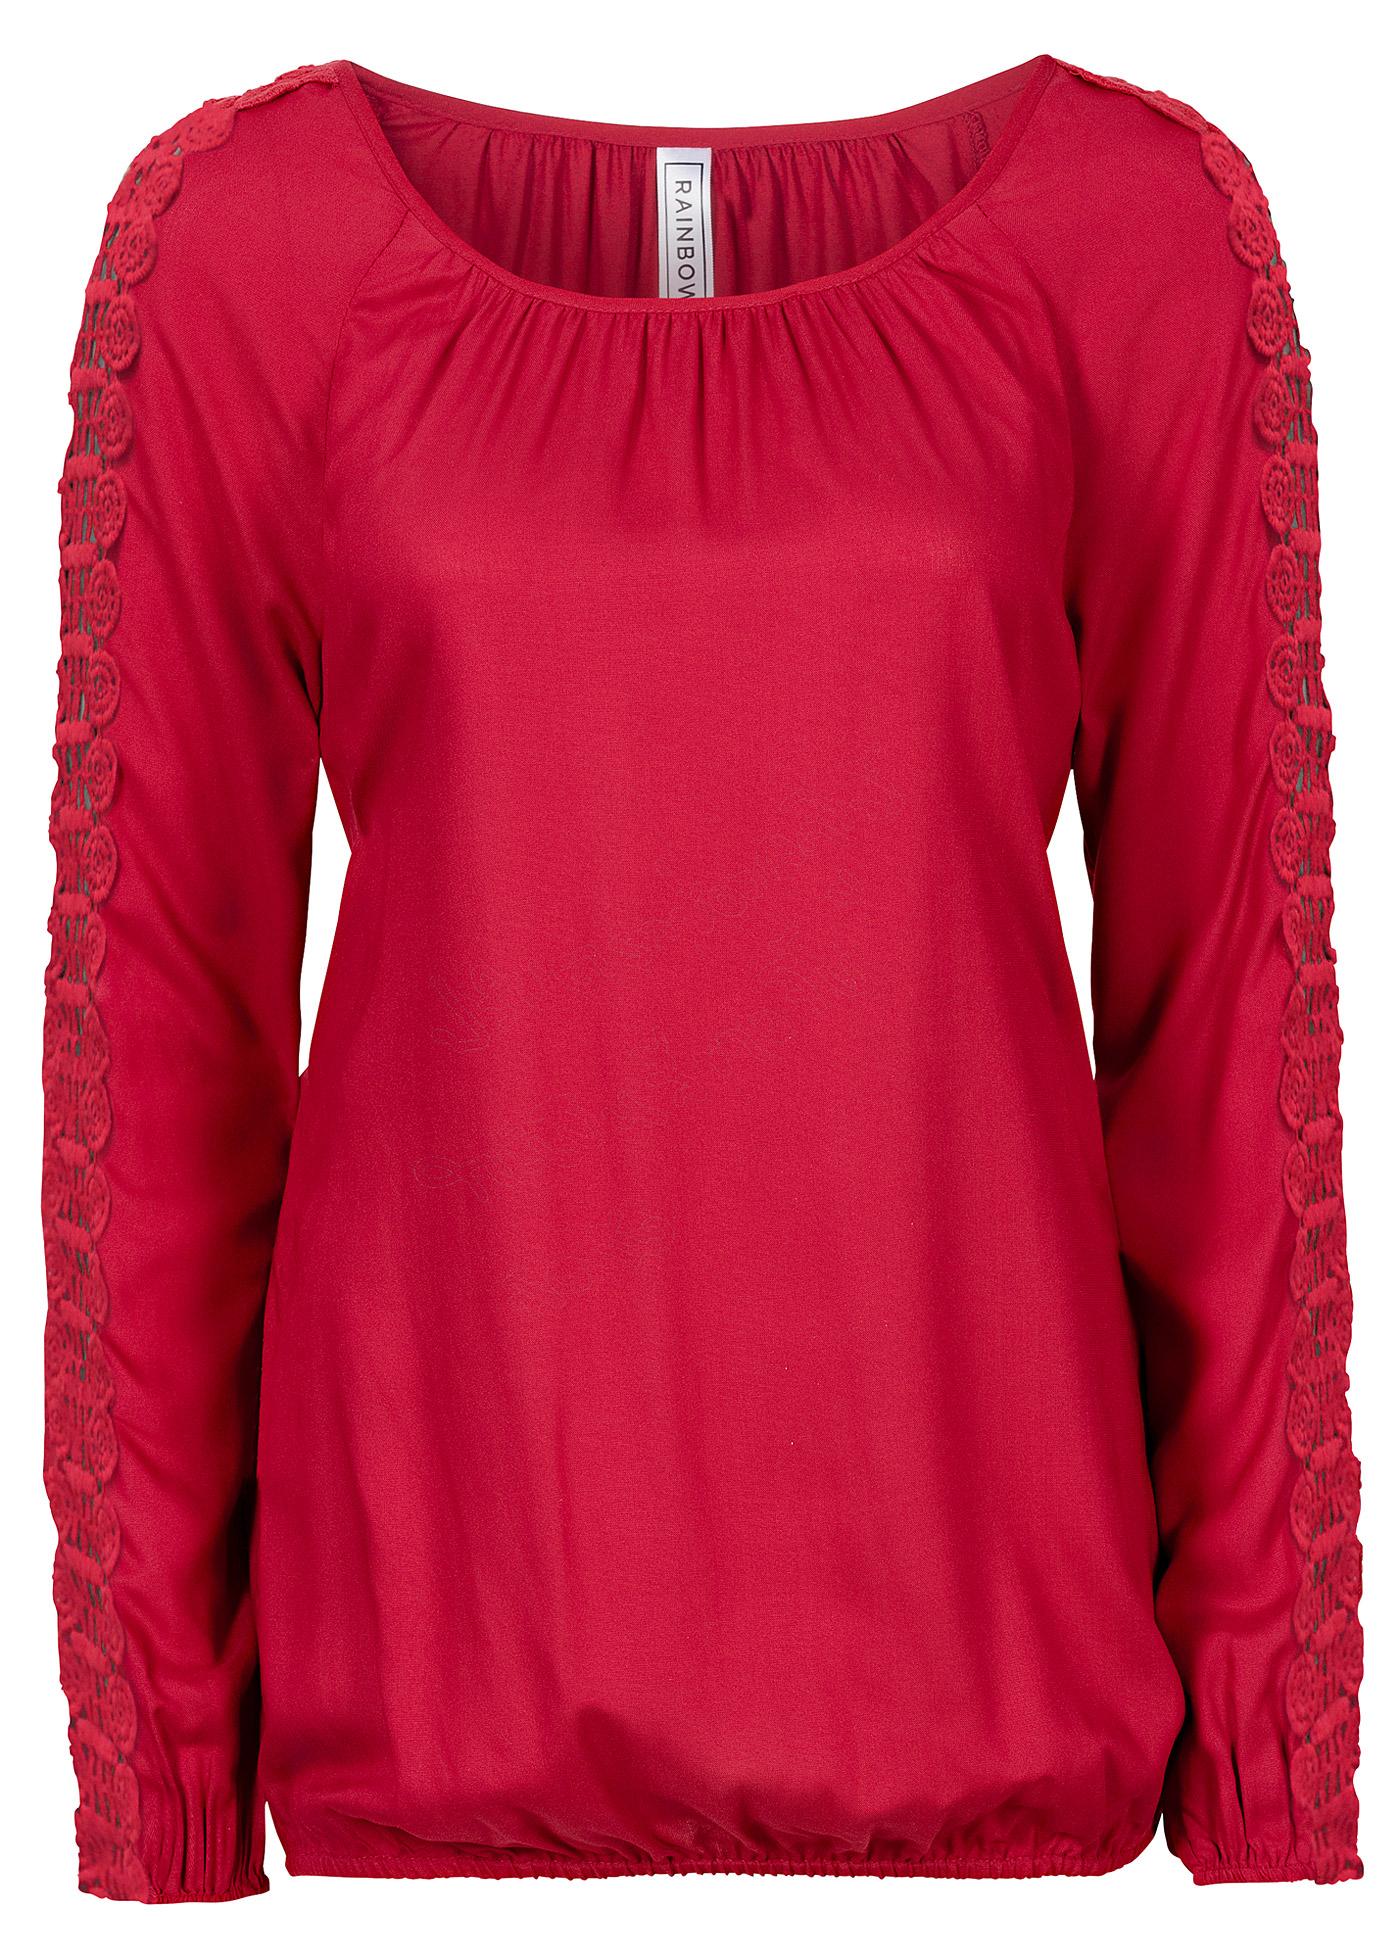 Bata com detalhes de crochê vermelha manga longa com decote redondo